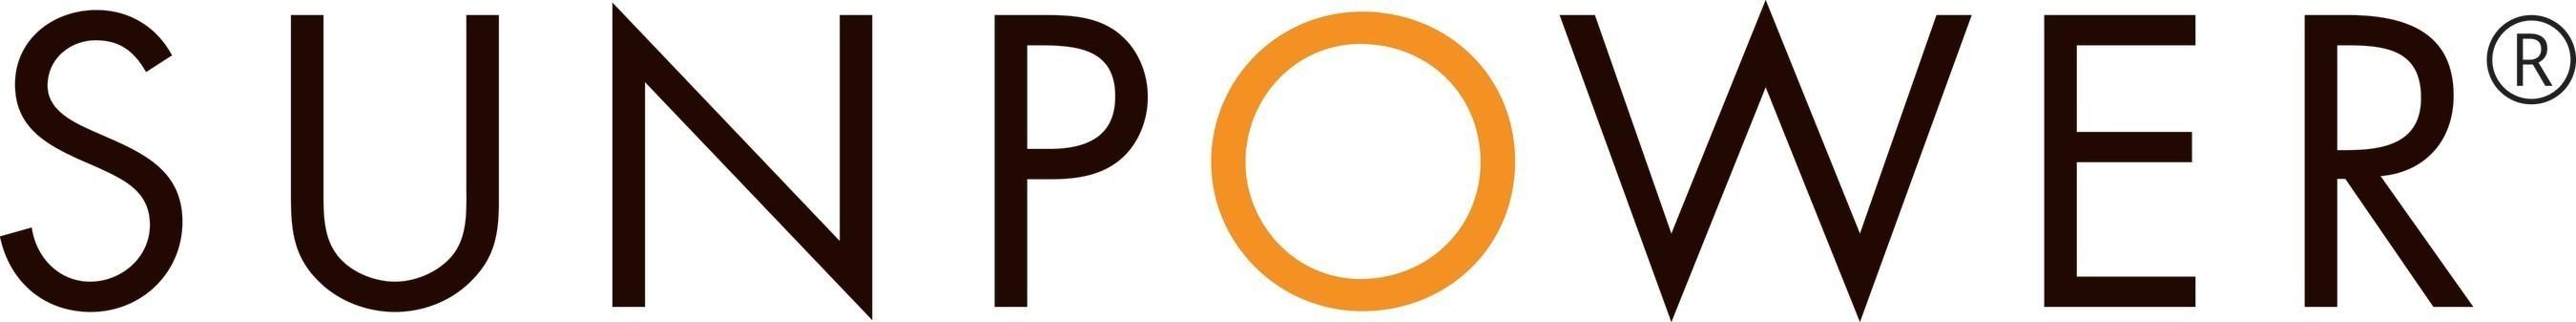 Image result for sunpower logo